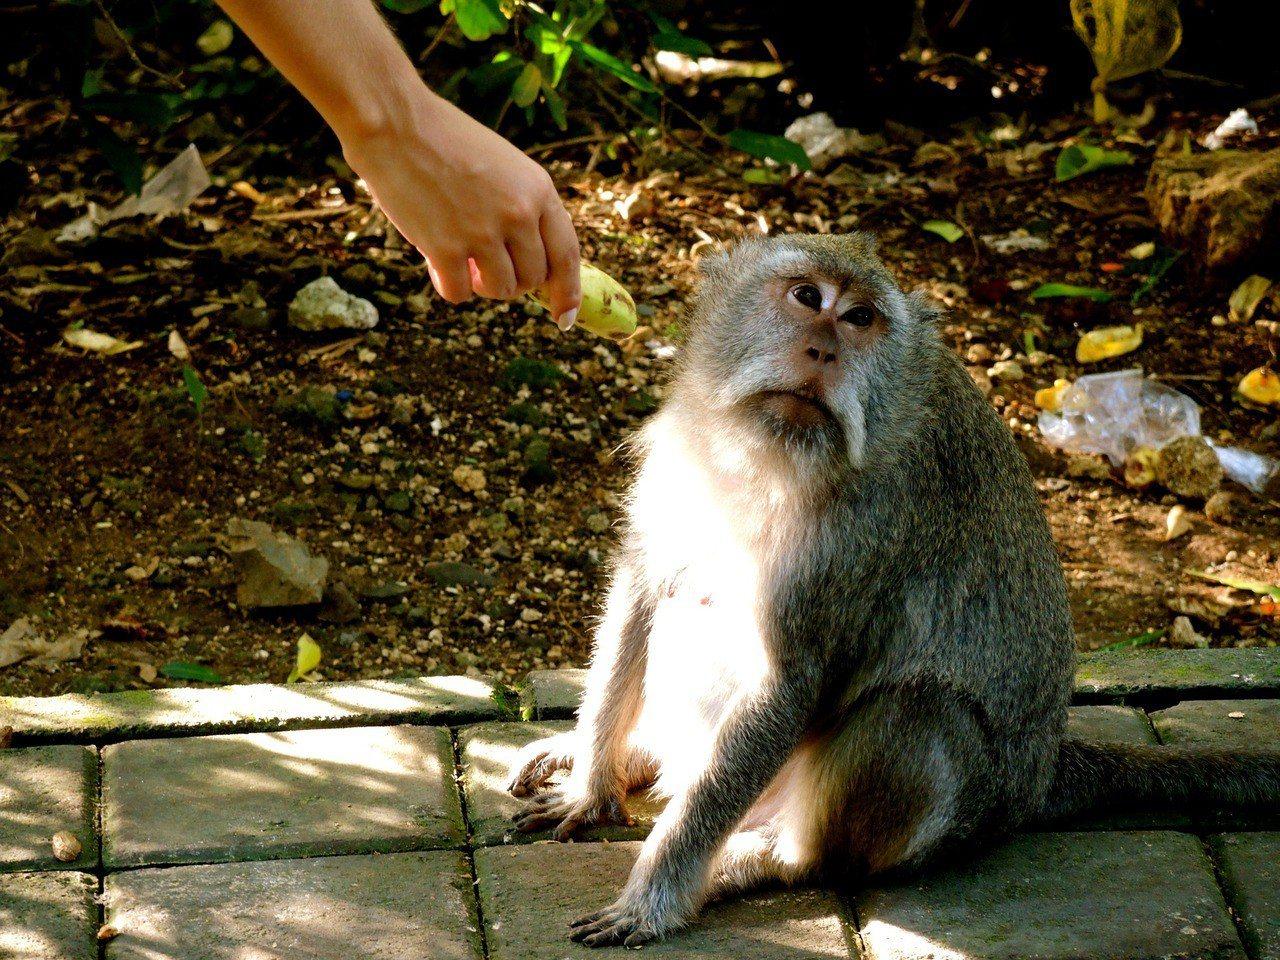 網友抱怨升職老闆只給3000元津貼,嘆「人吃多香蕉也會變成猴子的」。 圖/pix...